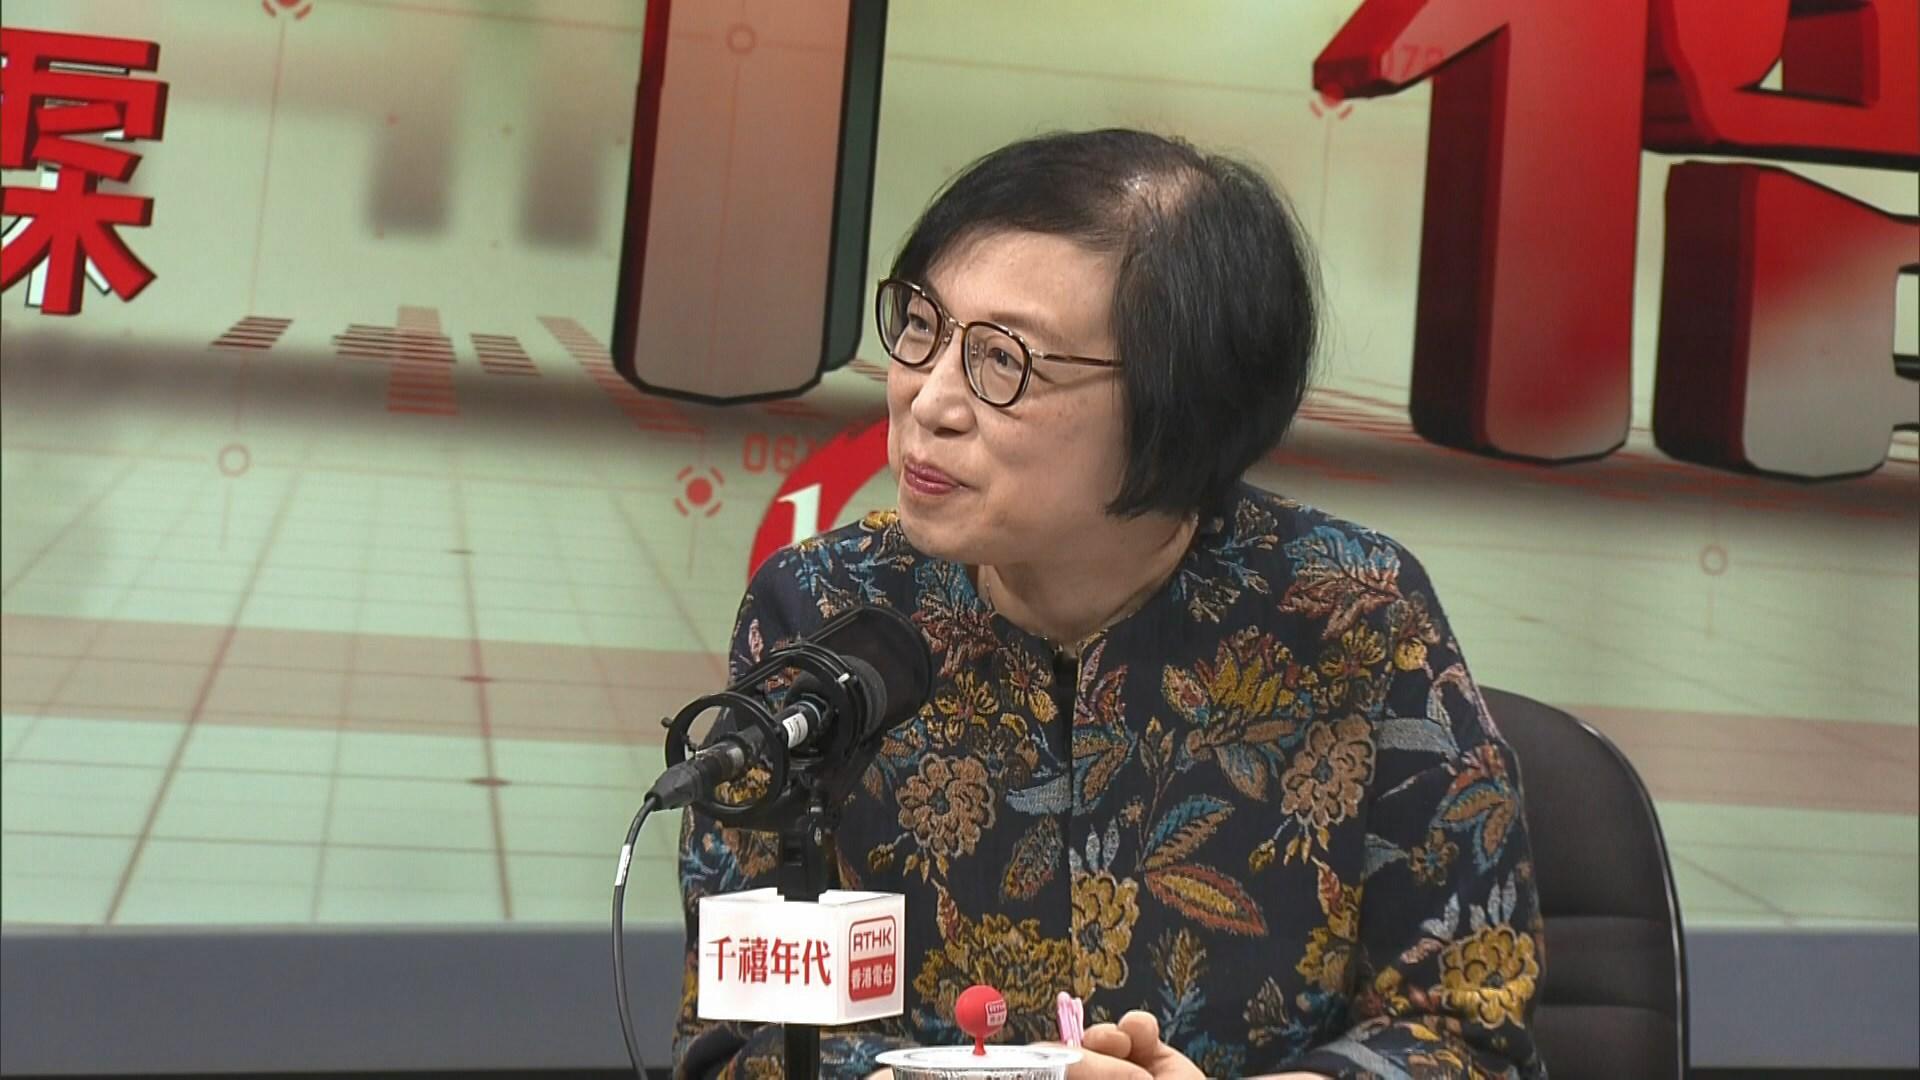 陳肇始辭去葵青康健中心營運組織的職務